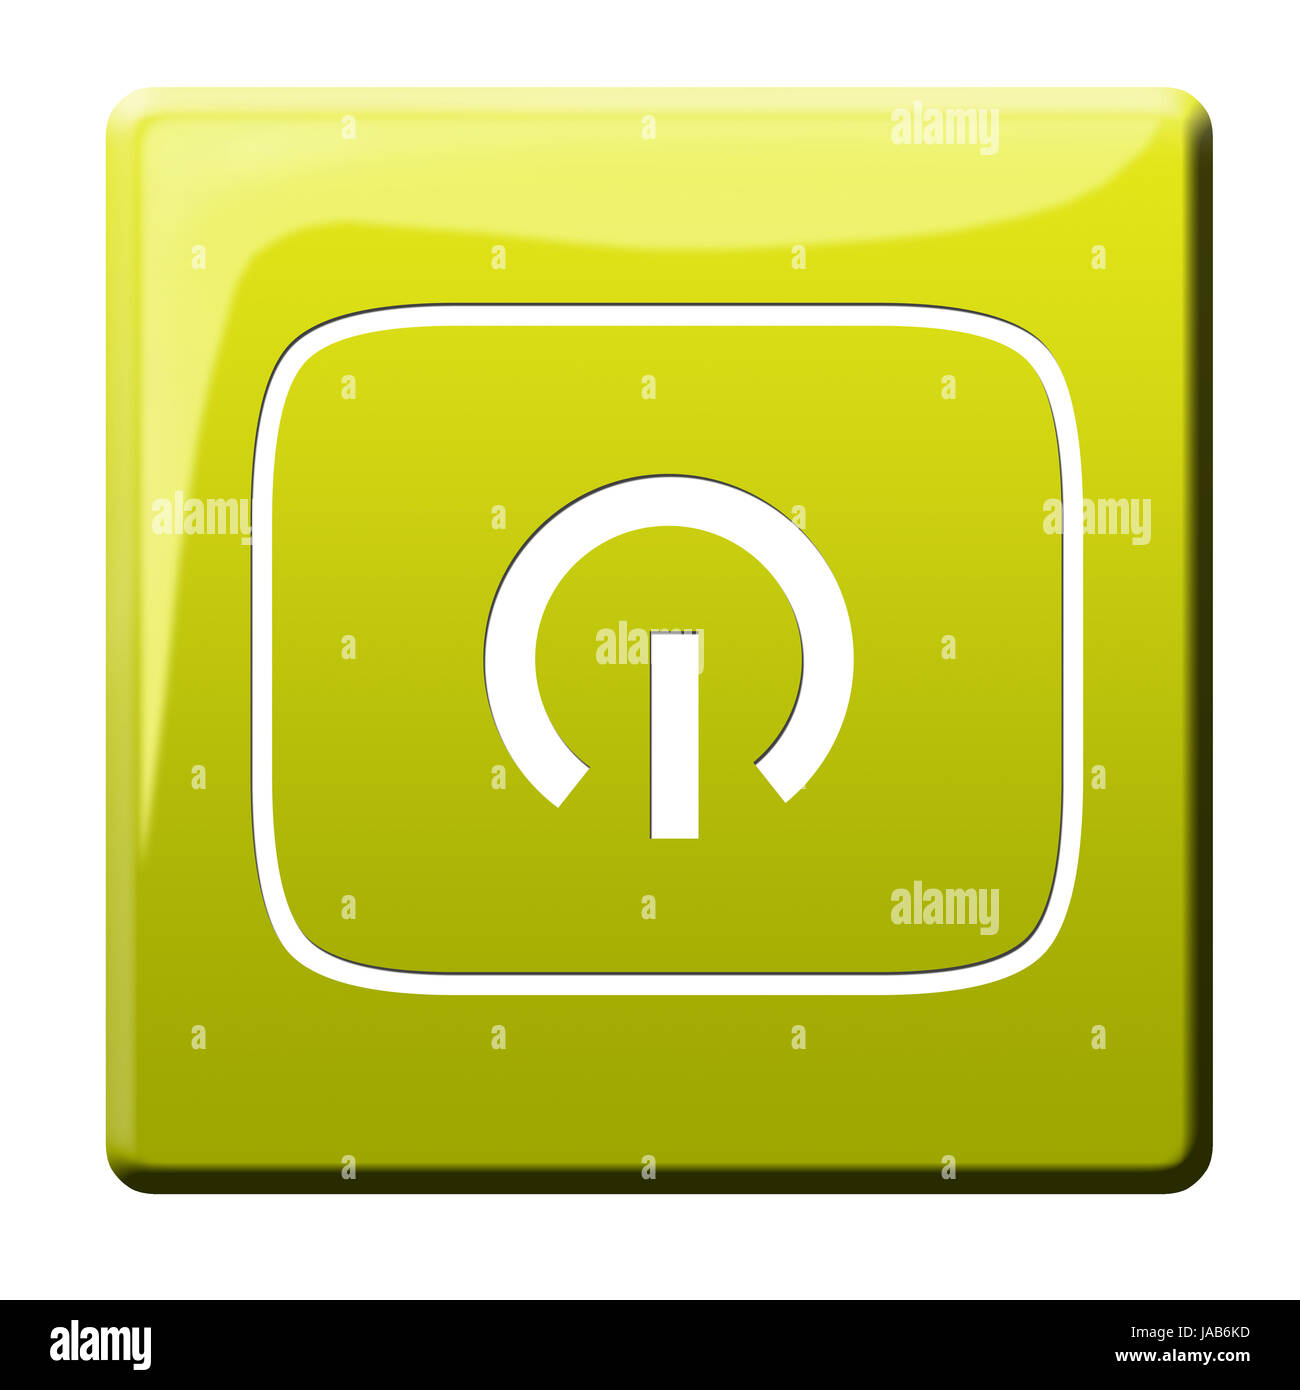 Beste Schematisches Symbol Für Schalter Bilder - Elektrische ...